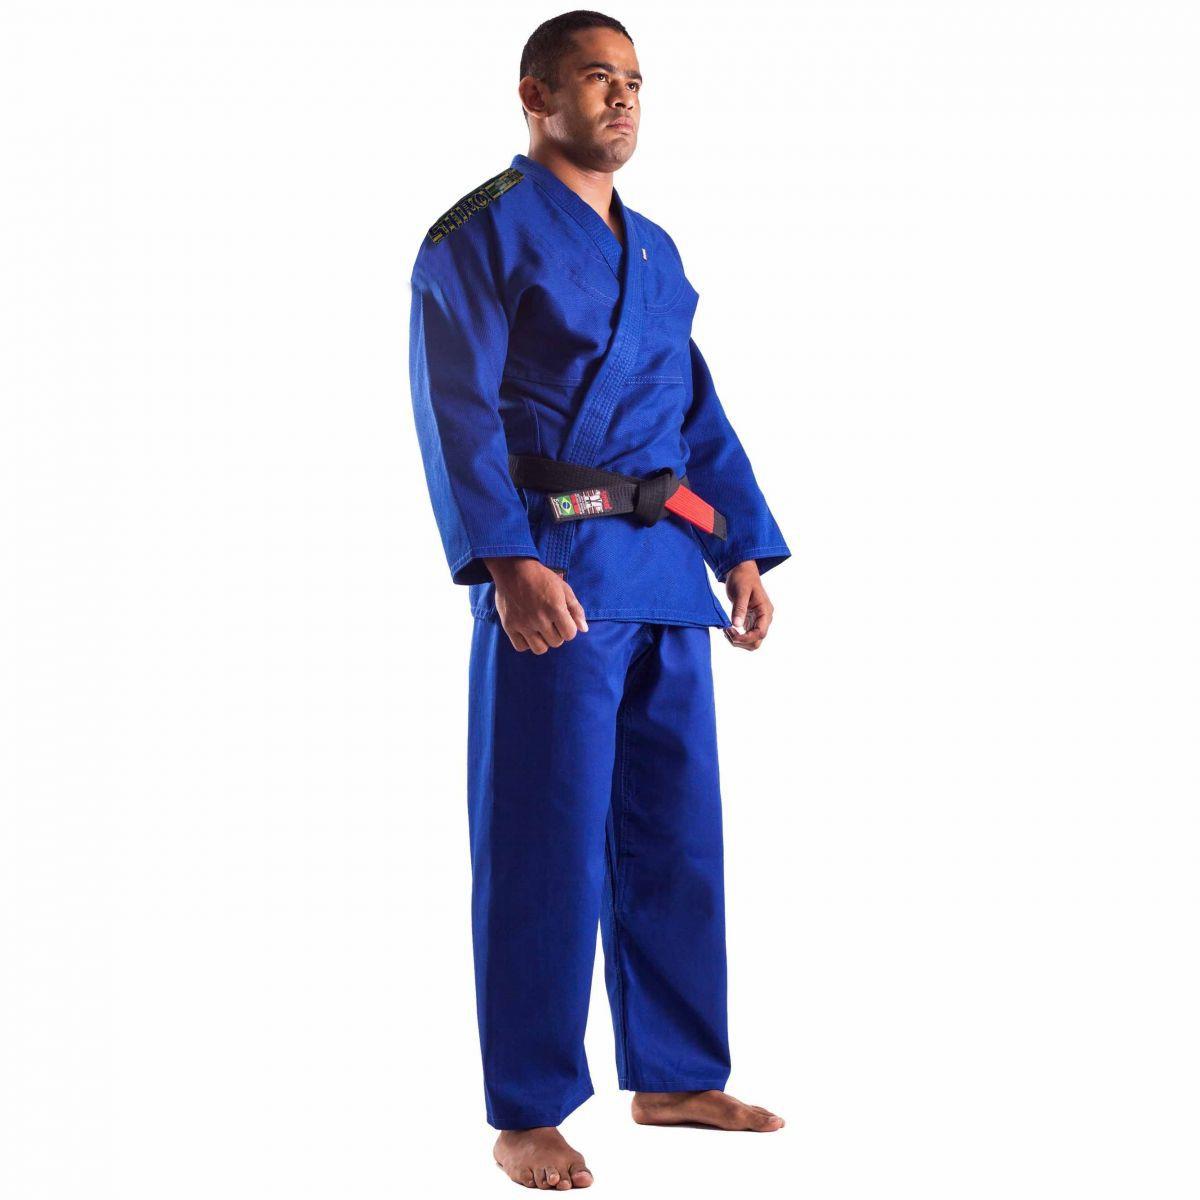 Kimono Jiu Jitsu - Trançadinho - Single  - Adulto - Shiroi - Azul .